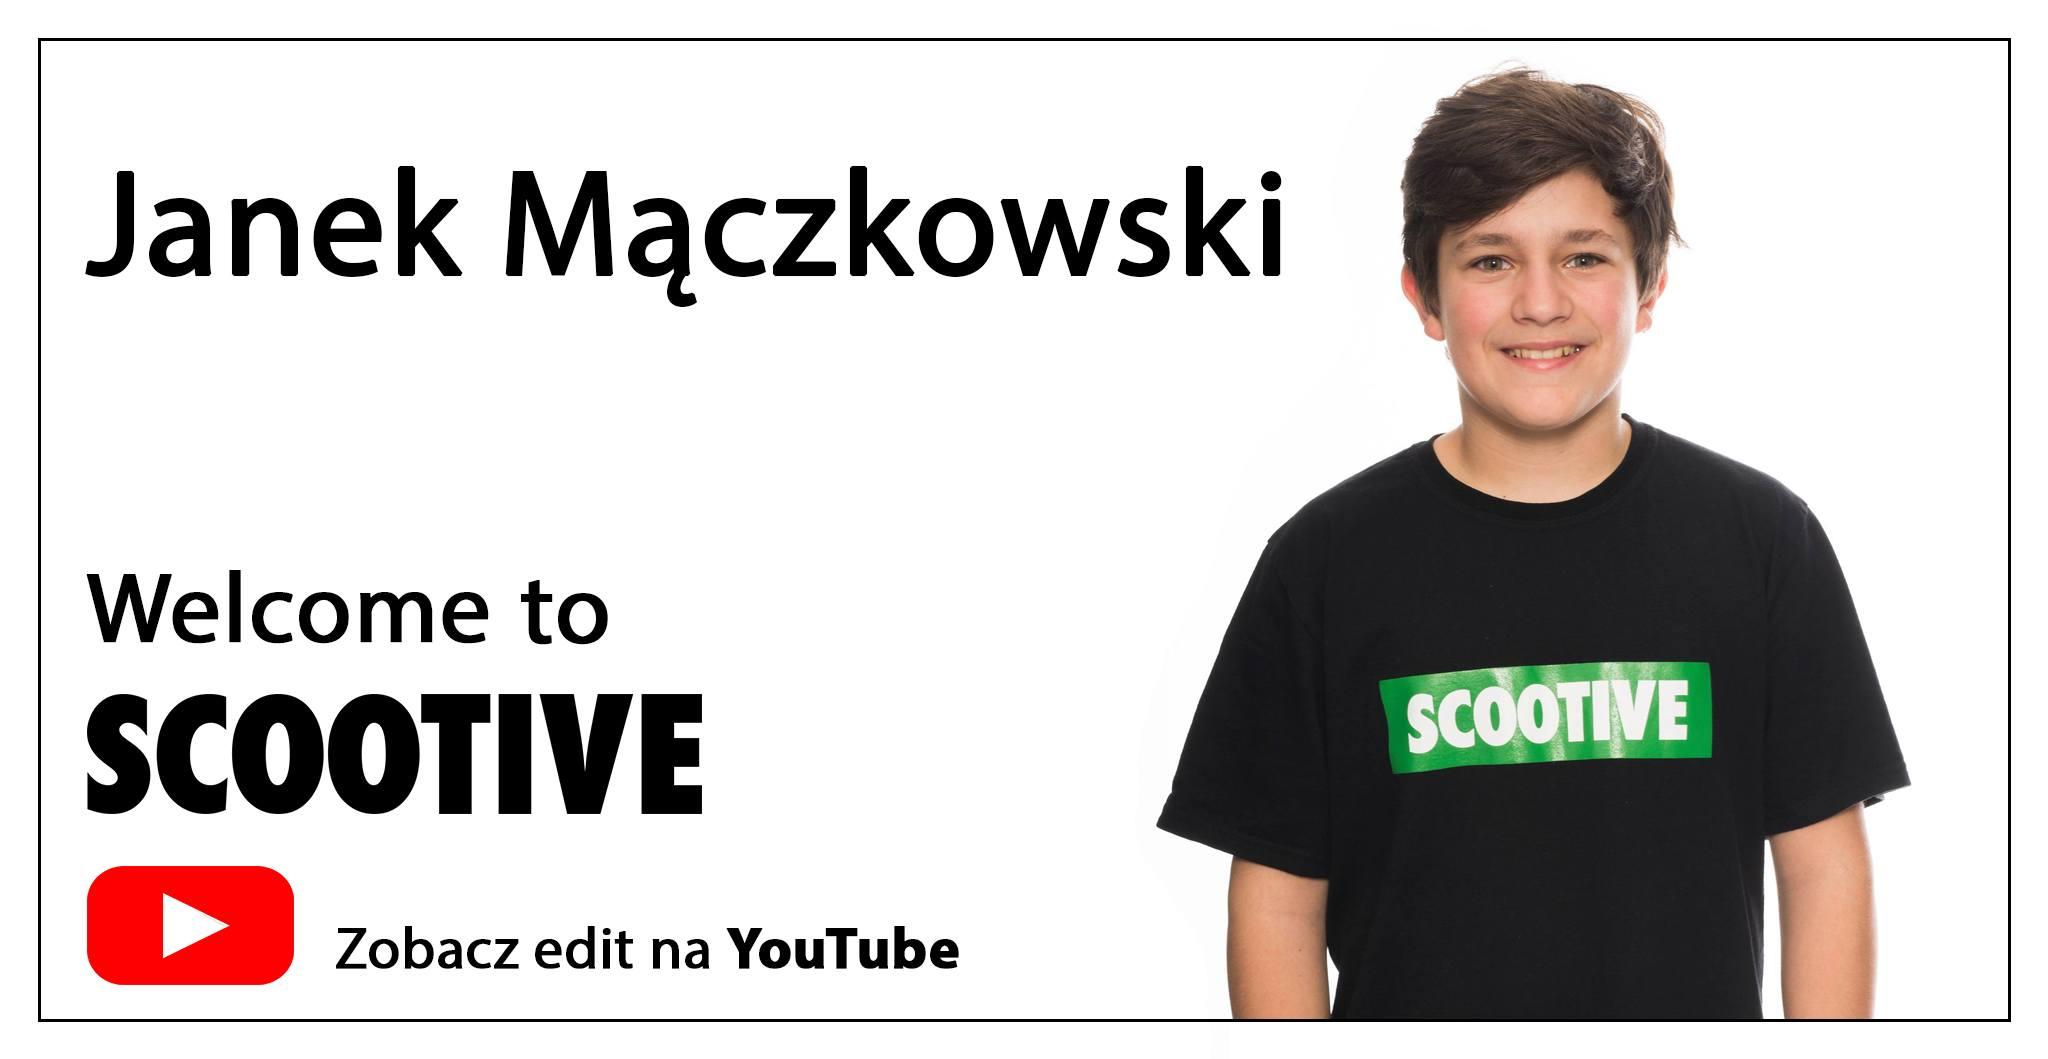 Janek Mączkowski - Welcome to Scootive Team!